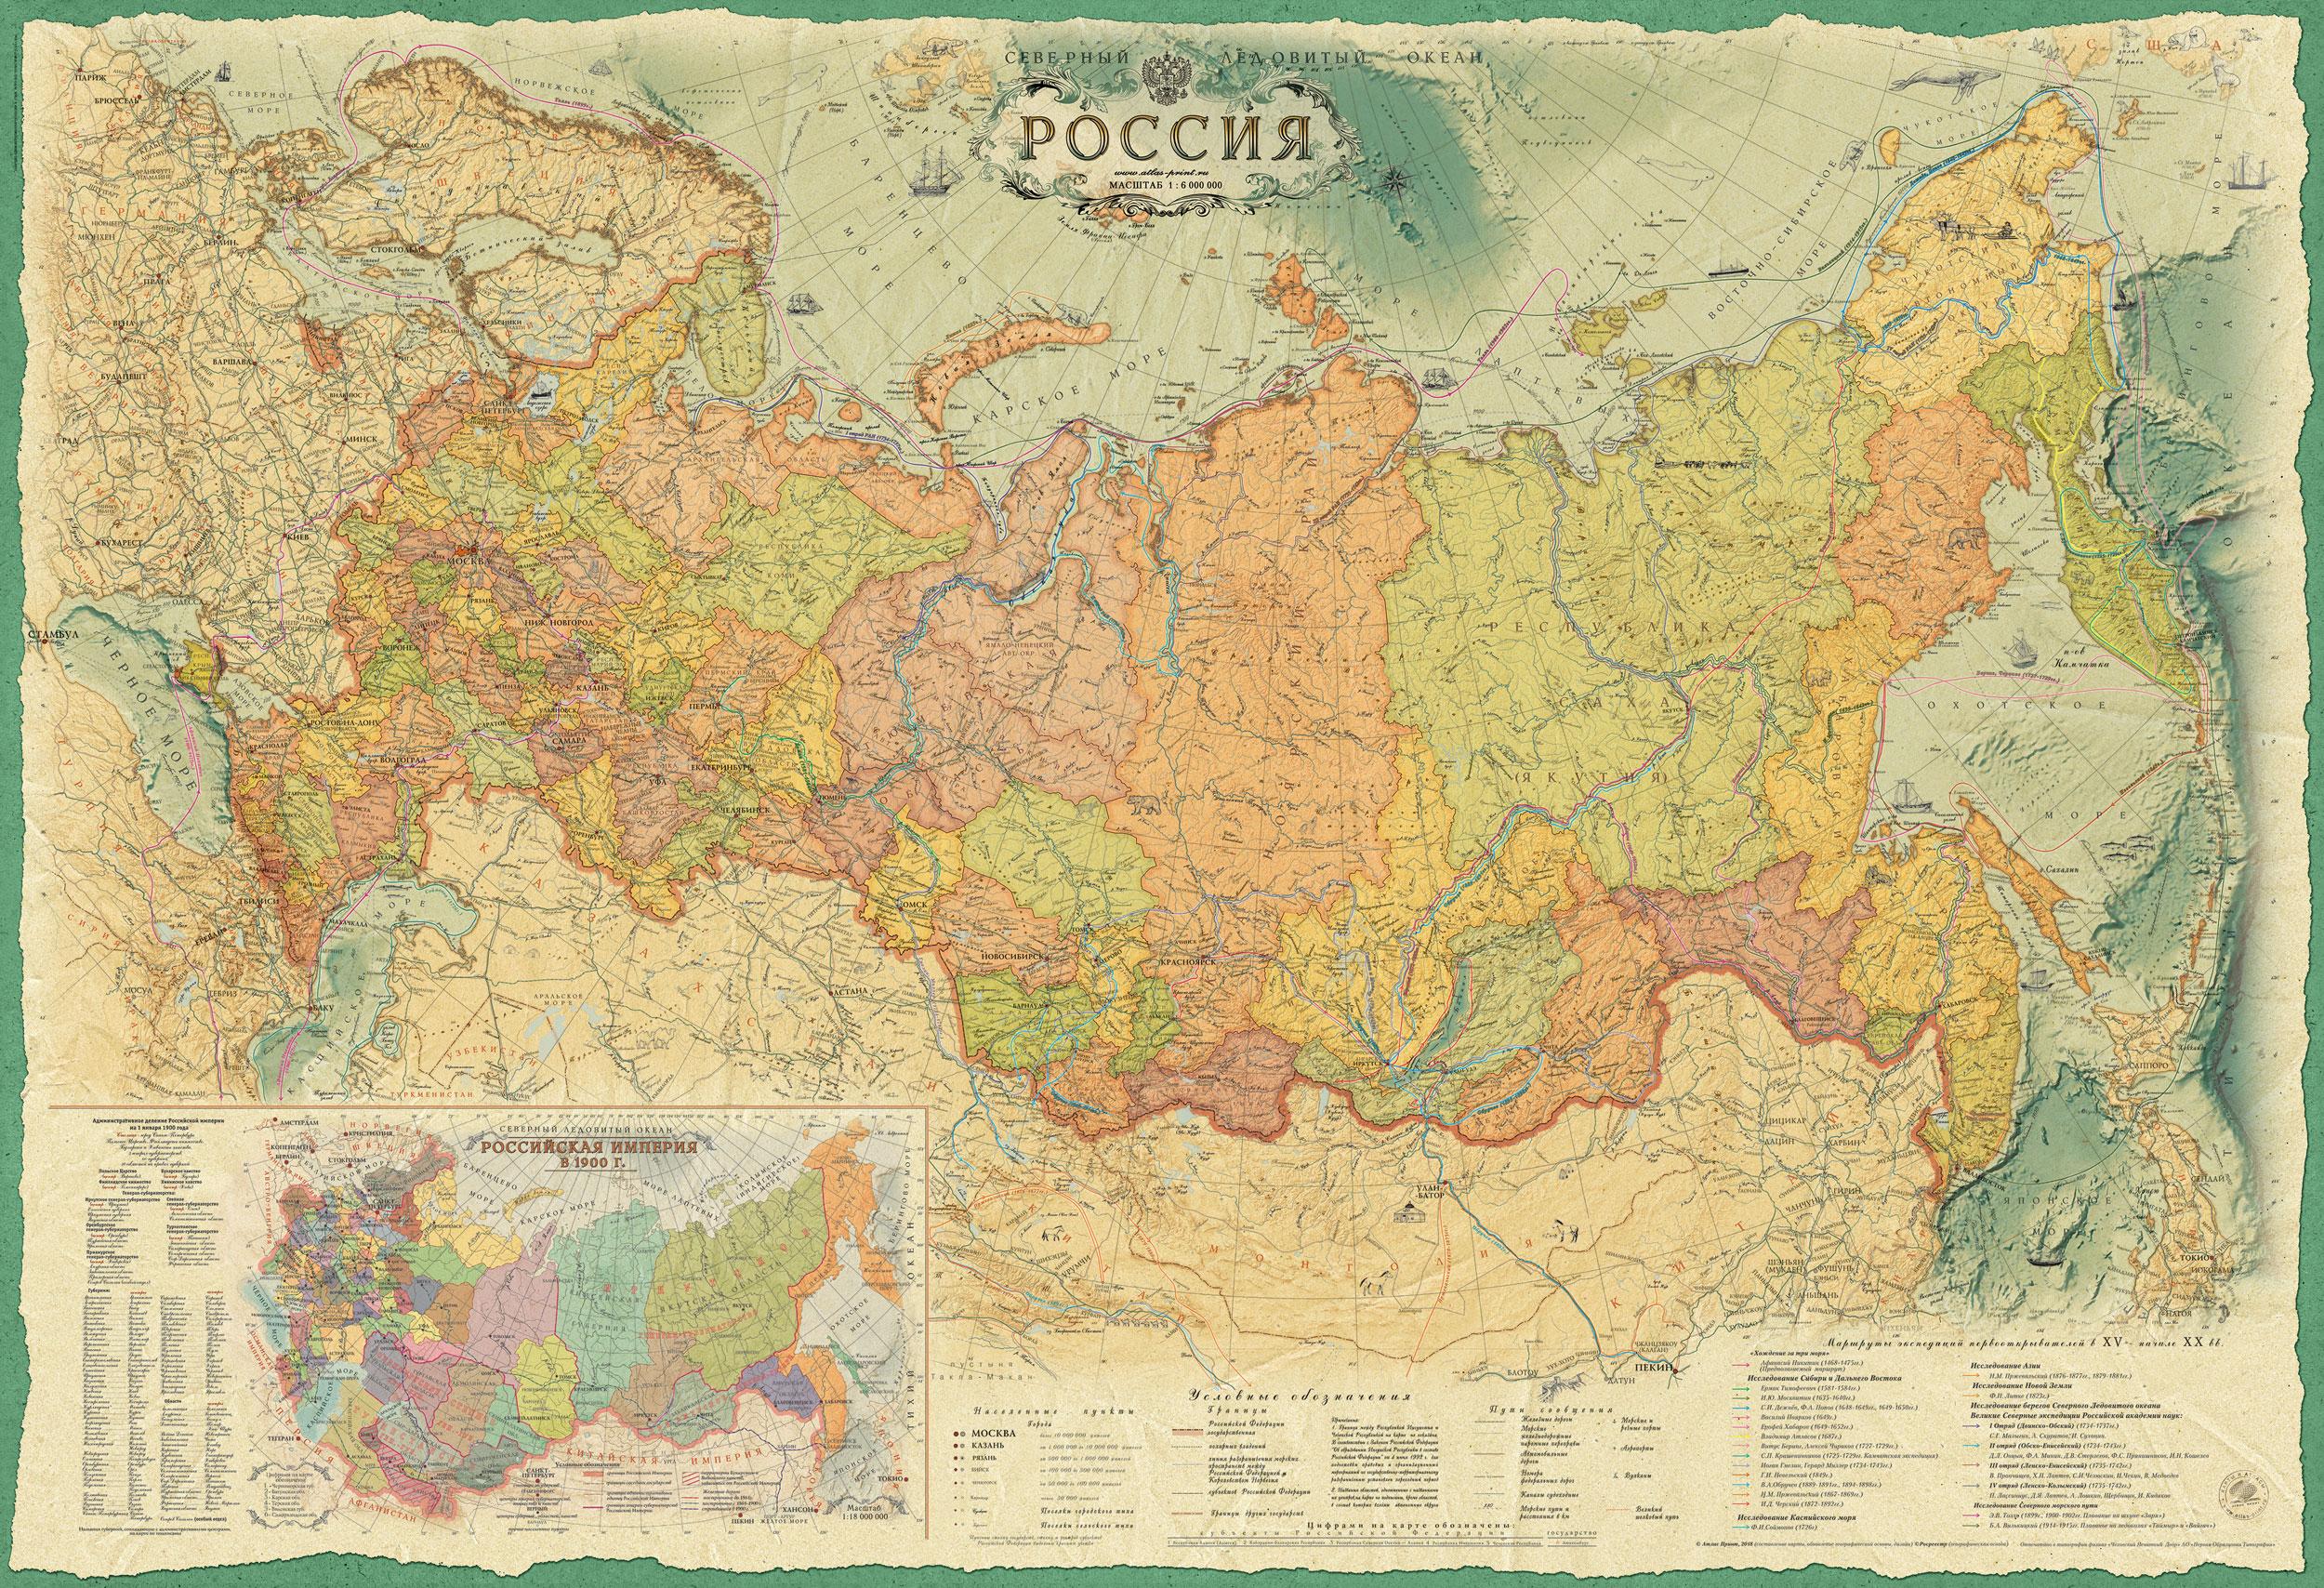 Настенная карта России политико-административная в стиле ретро 1.57*1,07м.